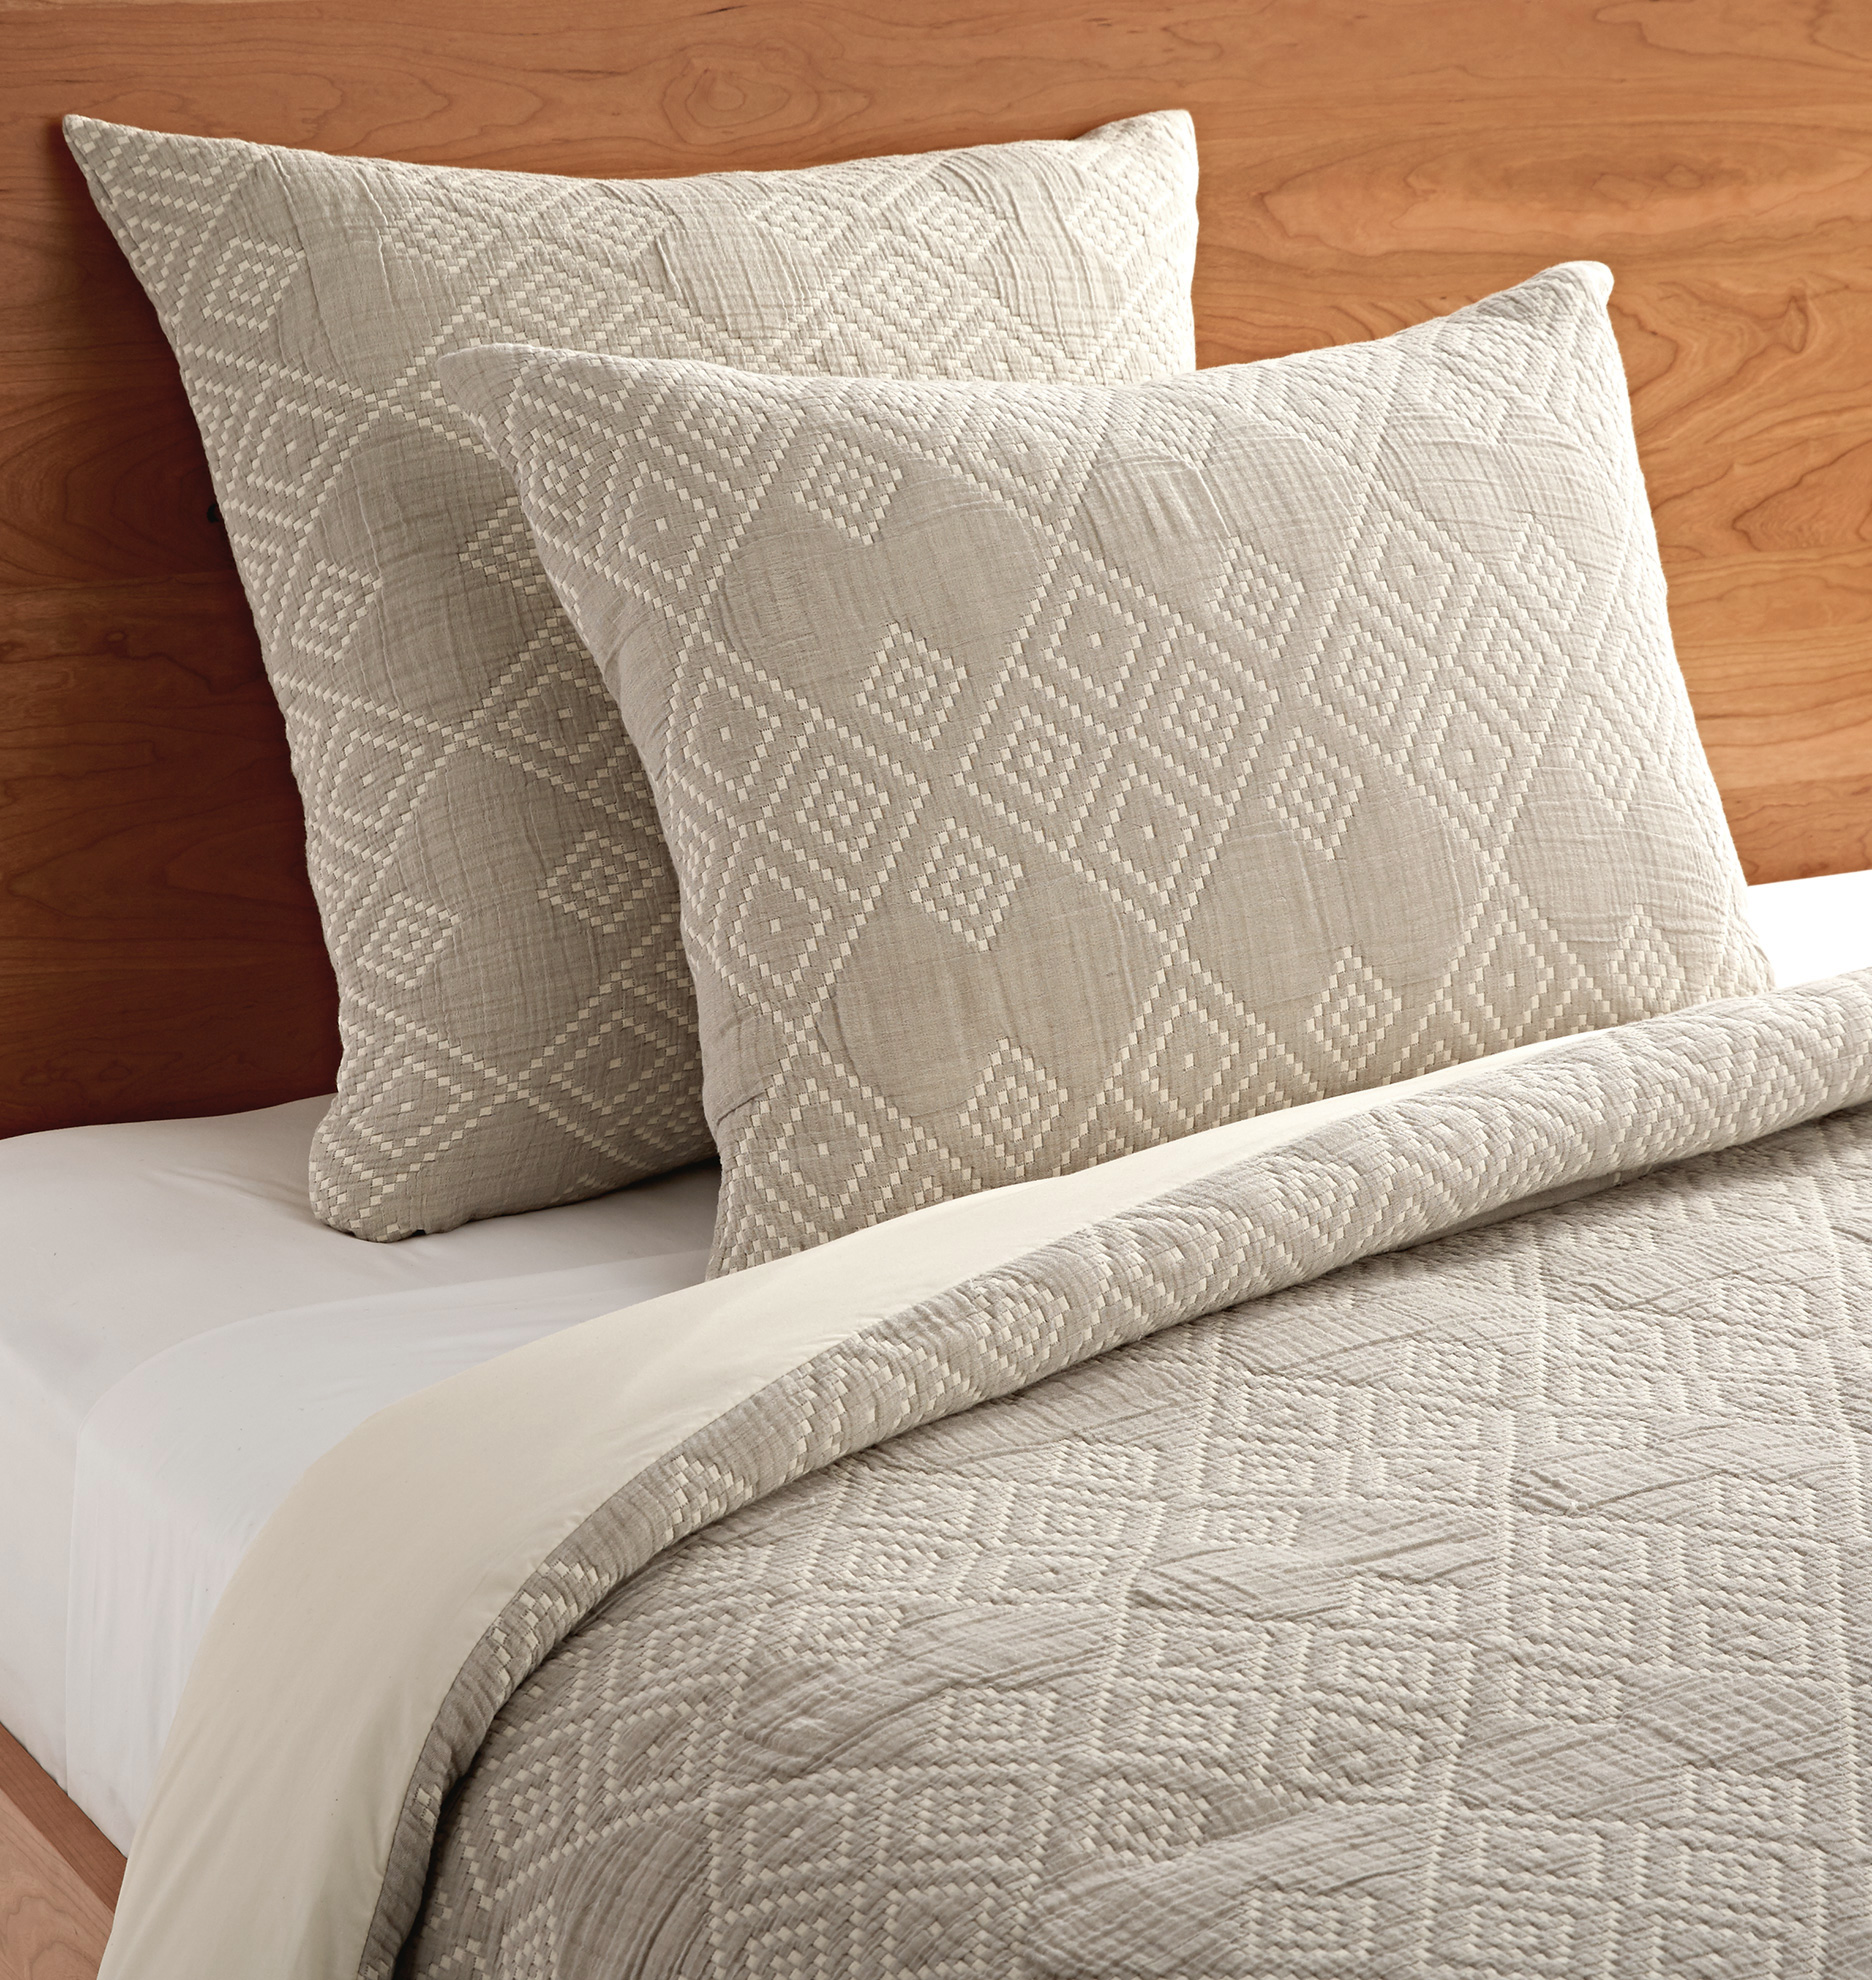 pillowcases cover bedding fitted charisma mega set satin duvet sheet matelasse itm